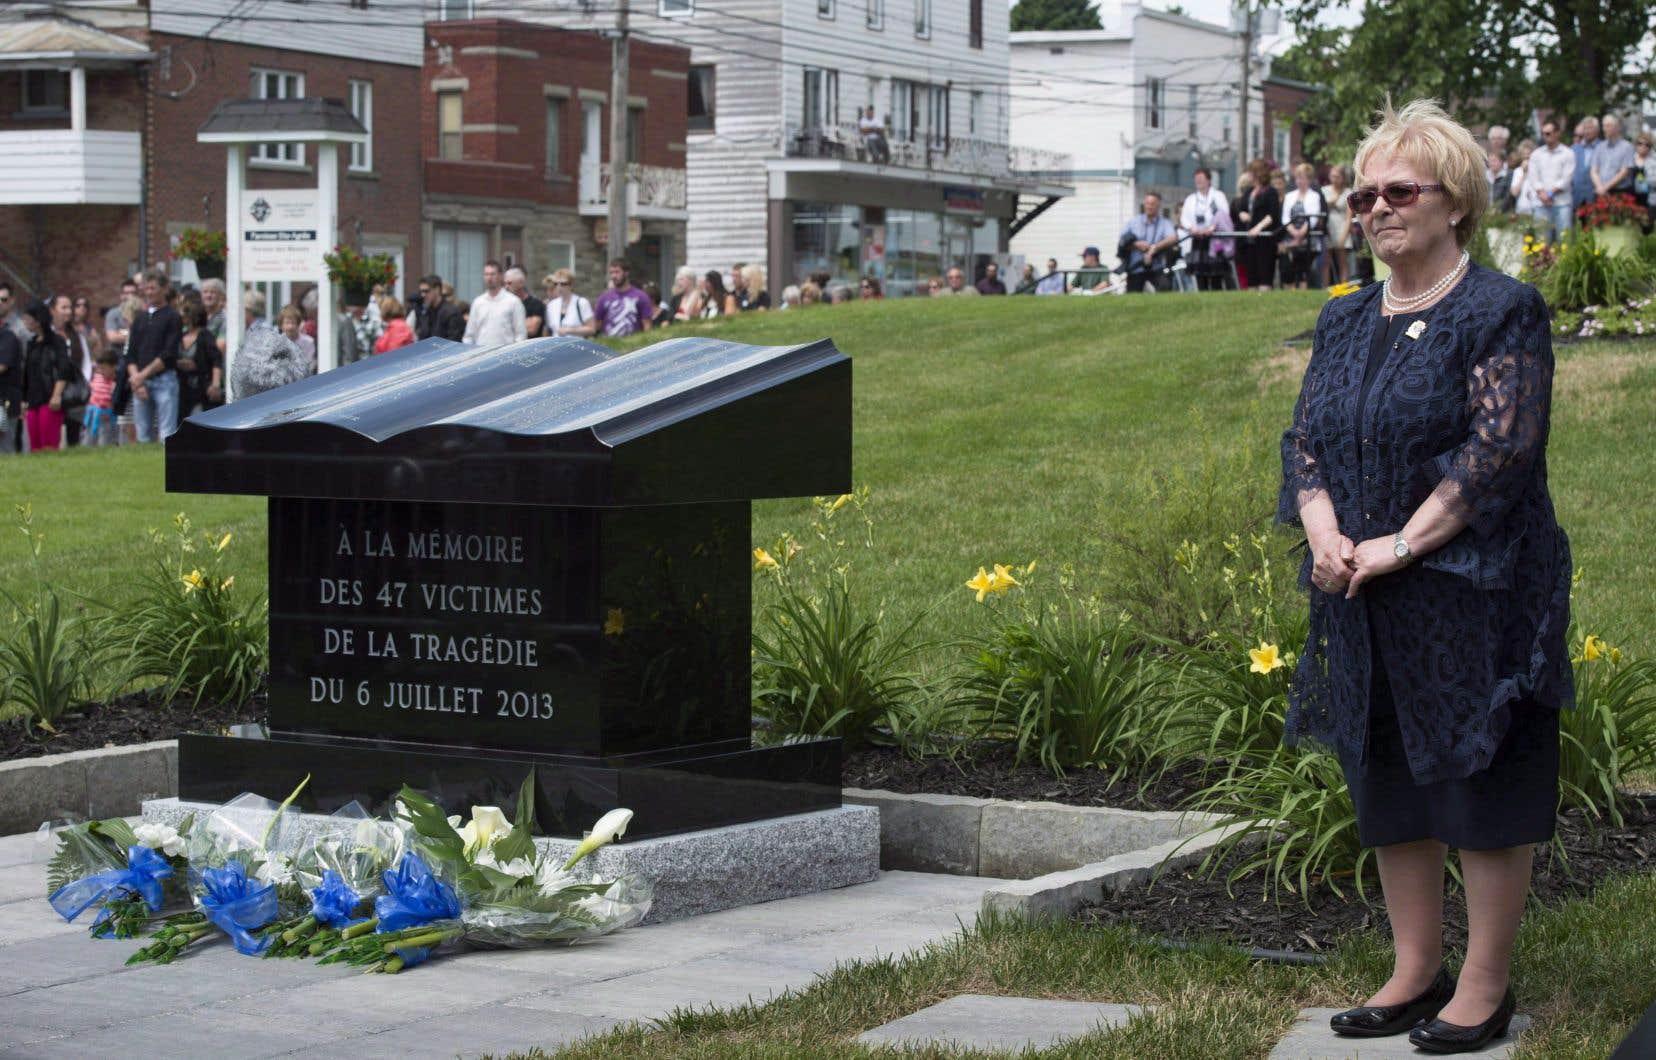 L'ancienne mairesse Lac-Mégantic,Colette Roy Laroche, lors des commémoration de 2014.